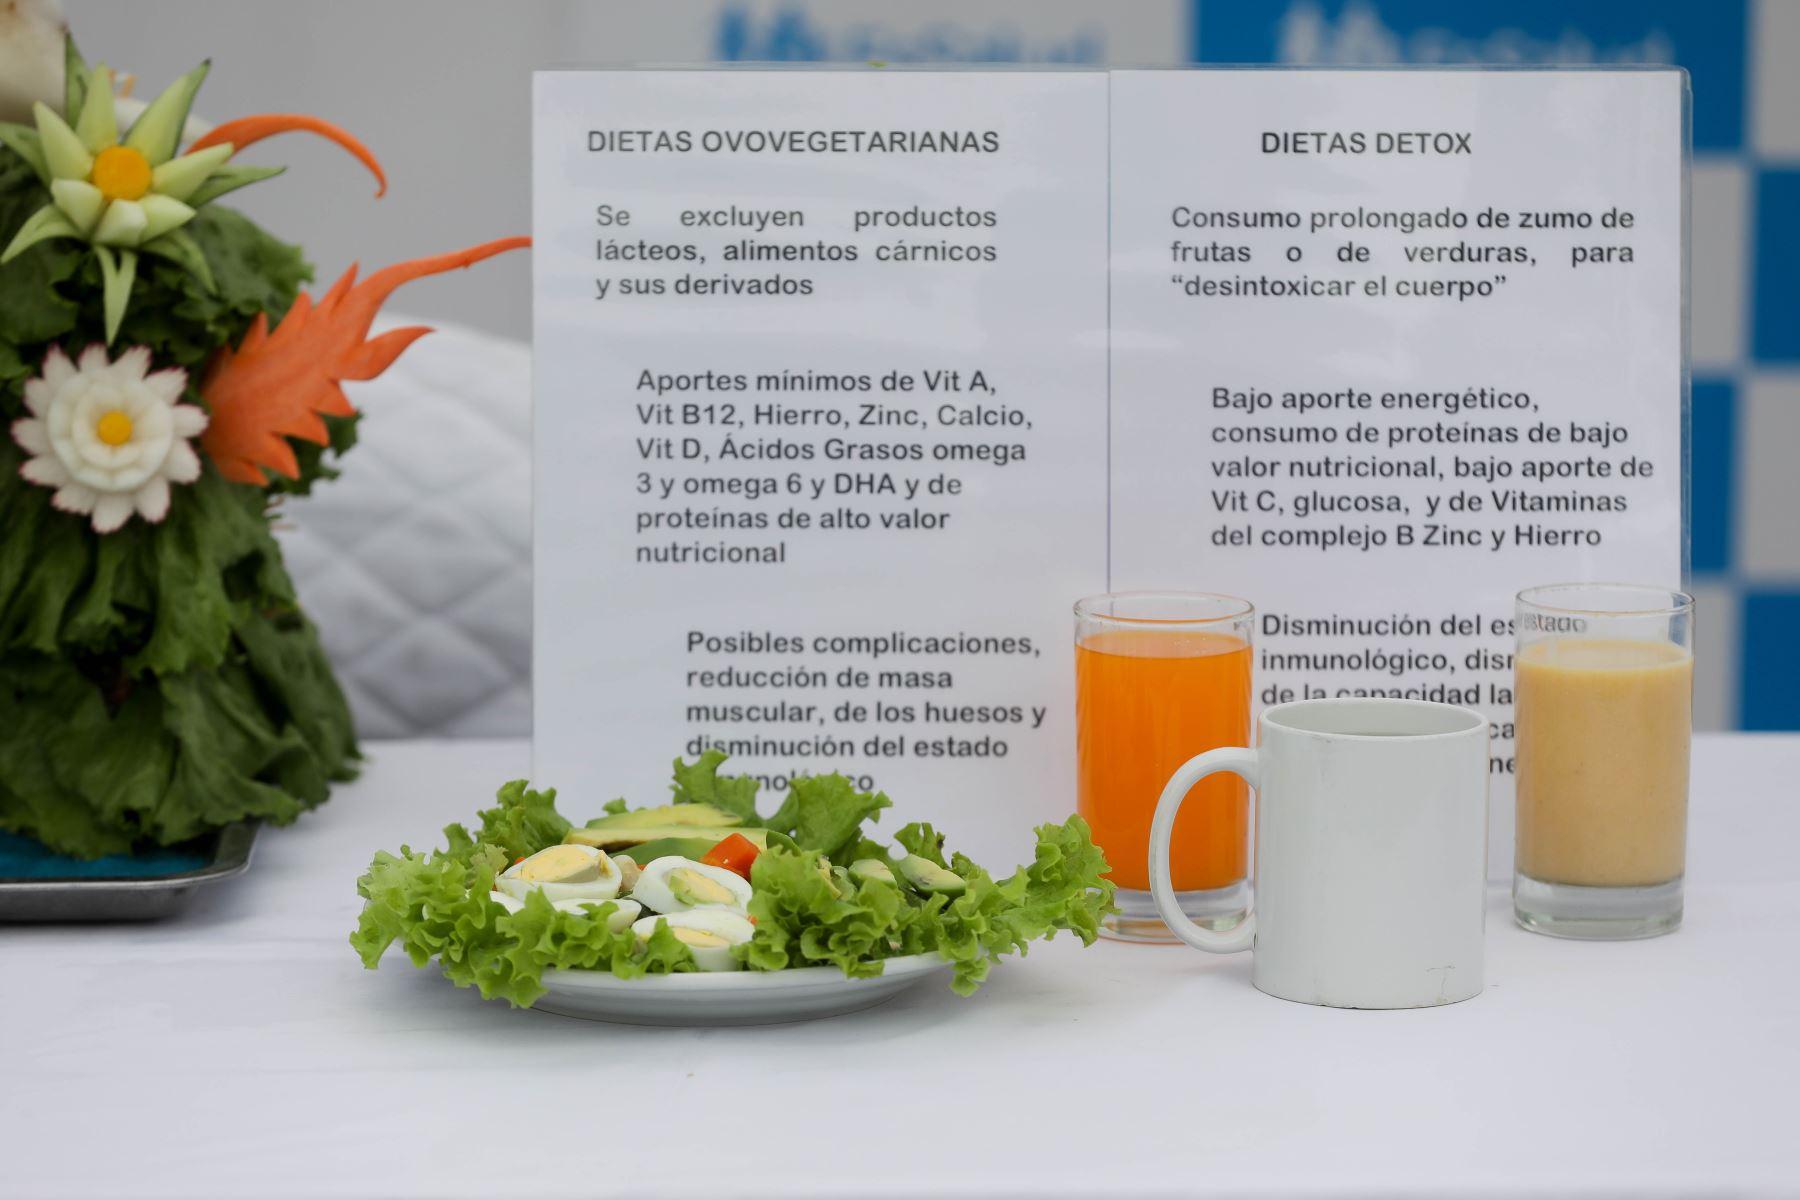 Especialista de EsSalud recomienda ingerir dietas equilibradas que combinan una buena alimentación, con las porciones adecuadas, como consumir por lo menos la mitad del plato de verduras, las que decidan, de zanahoria y betarraga, por ejemplo. Foto: ANDINA/EsSalud.